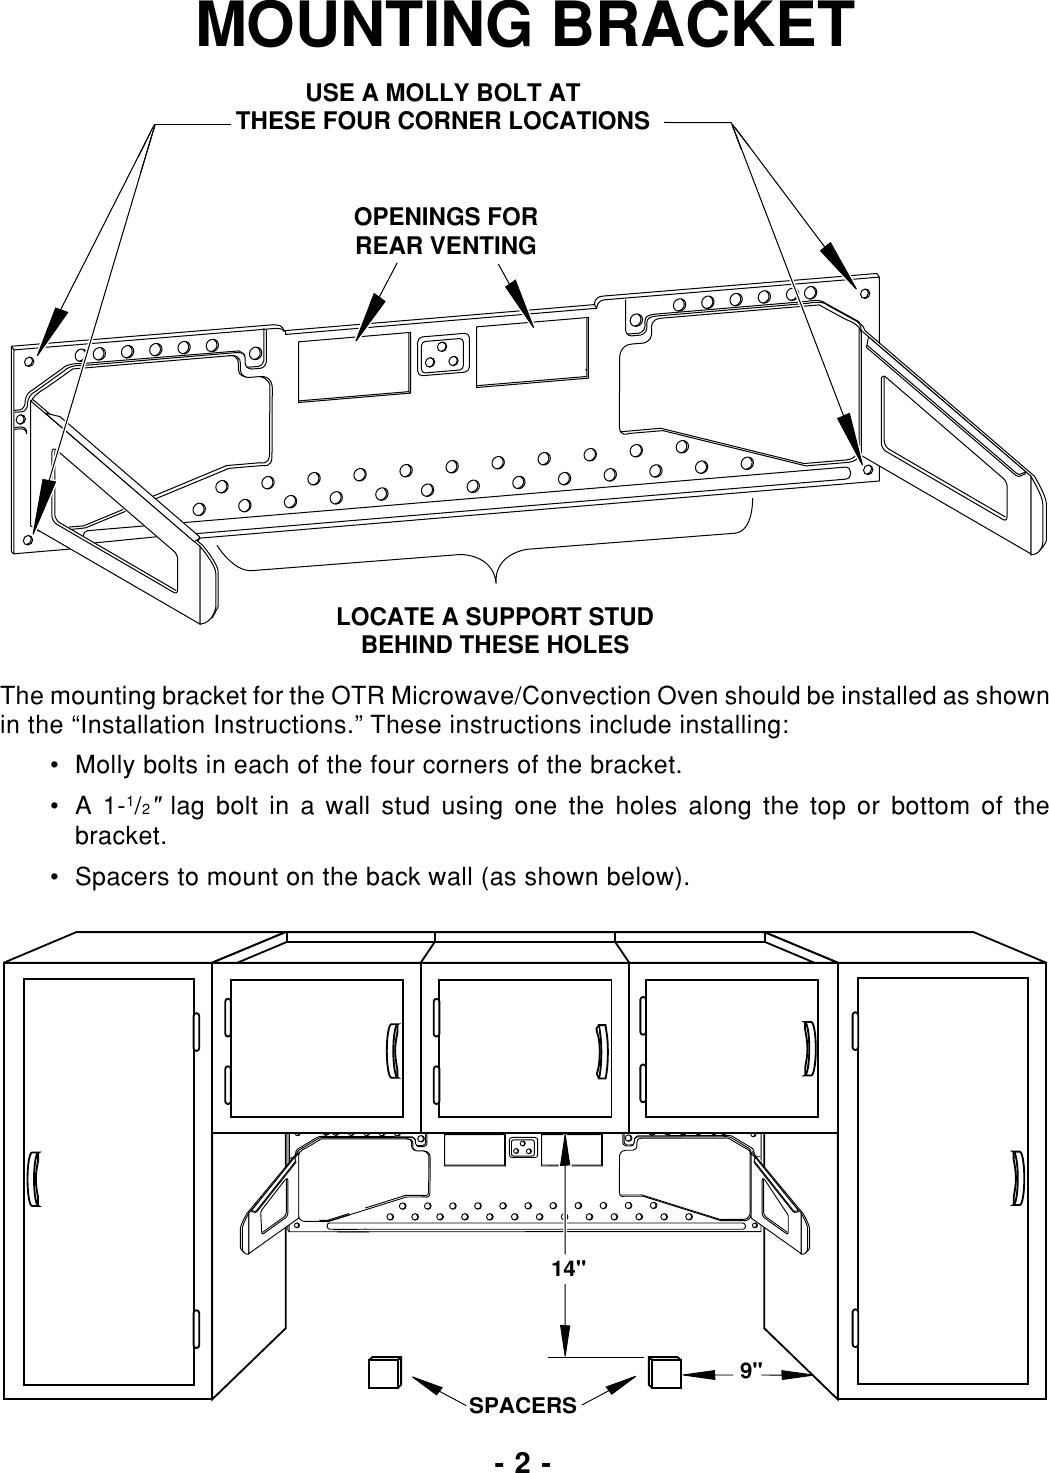 TOC JA 4321501 Whrlpl OTR Micro Convection Oven